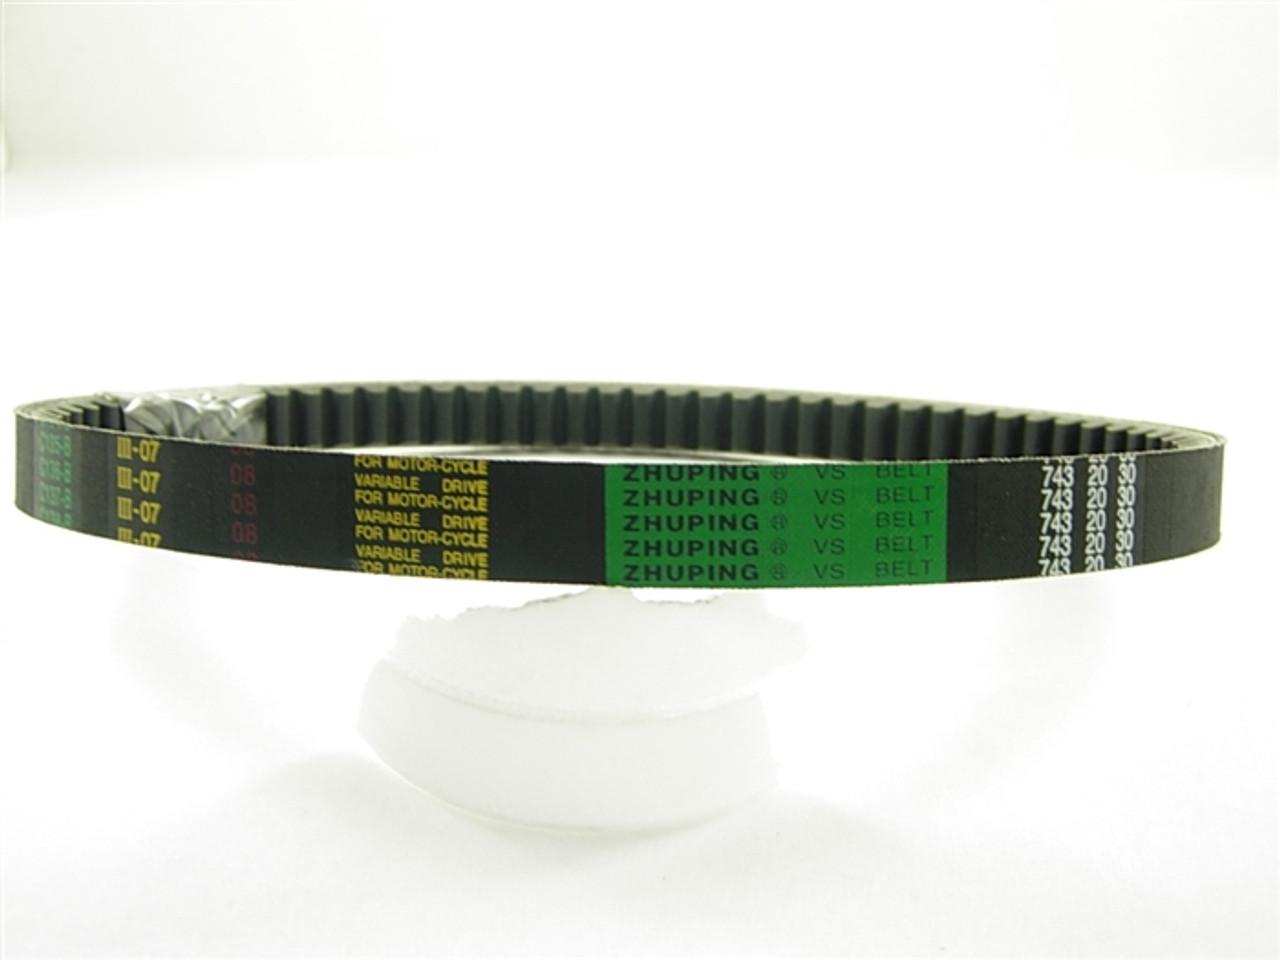 belt, 10045-a3-9